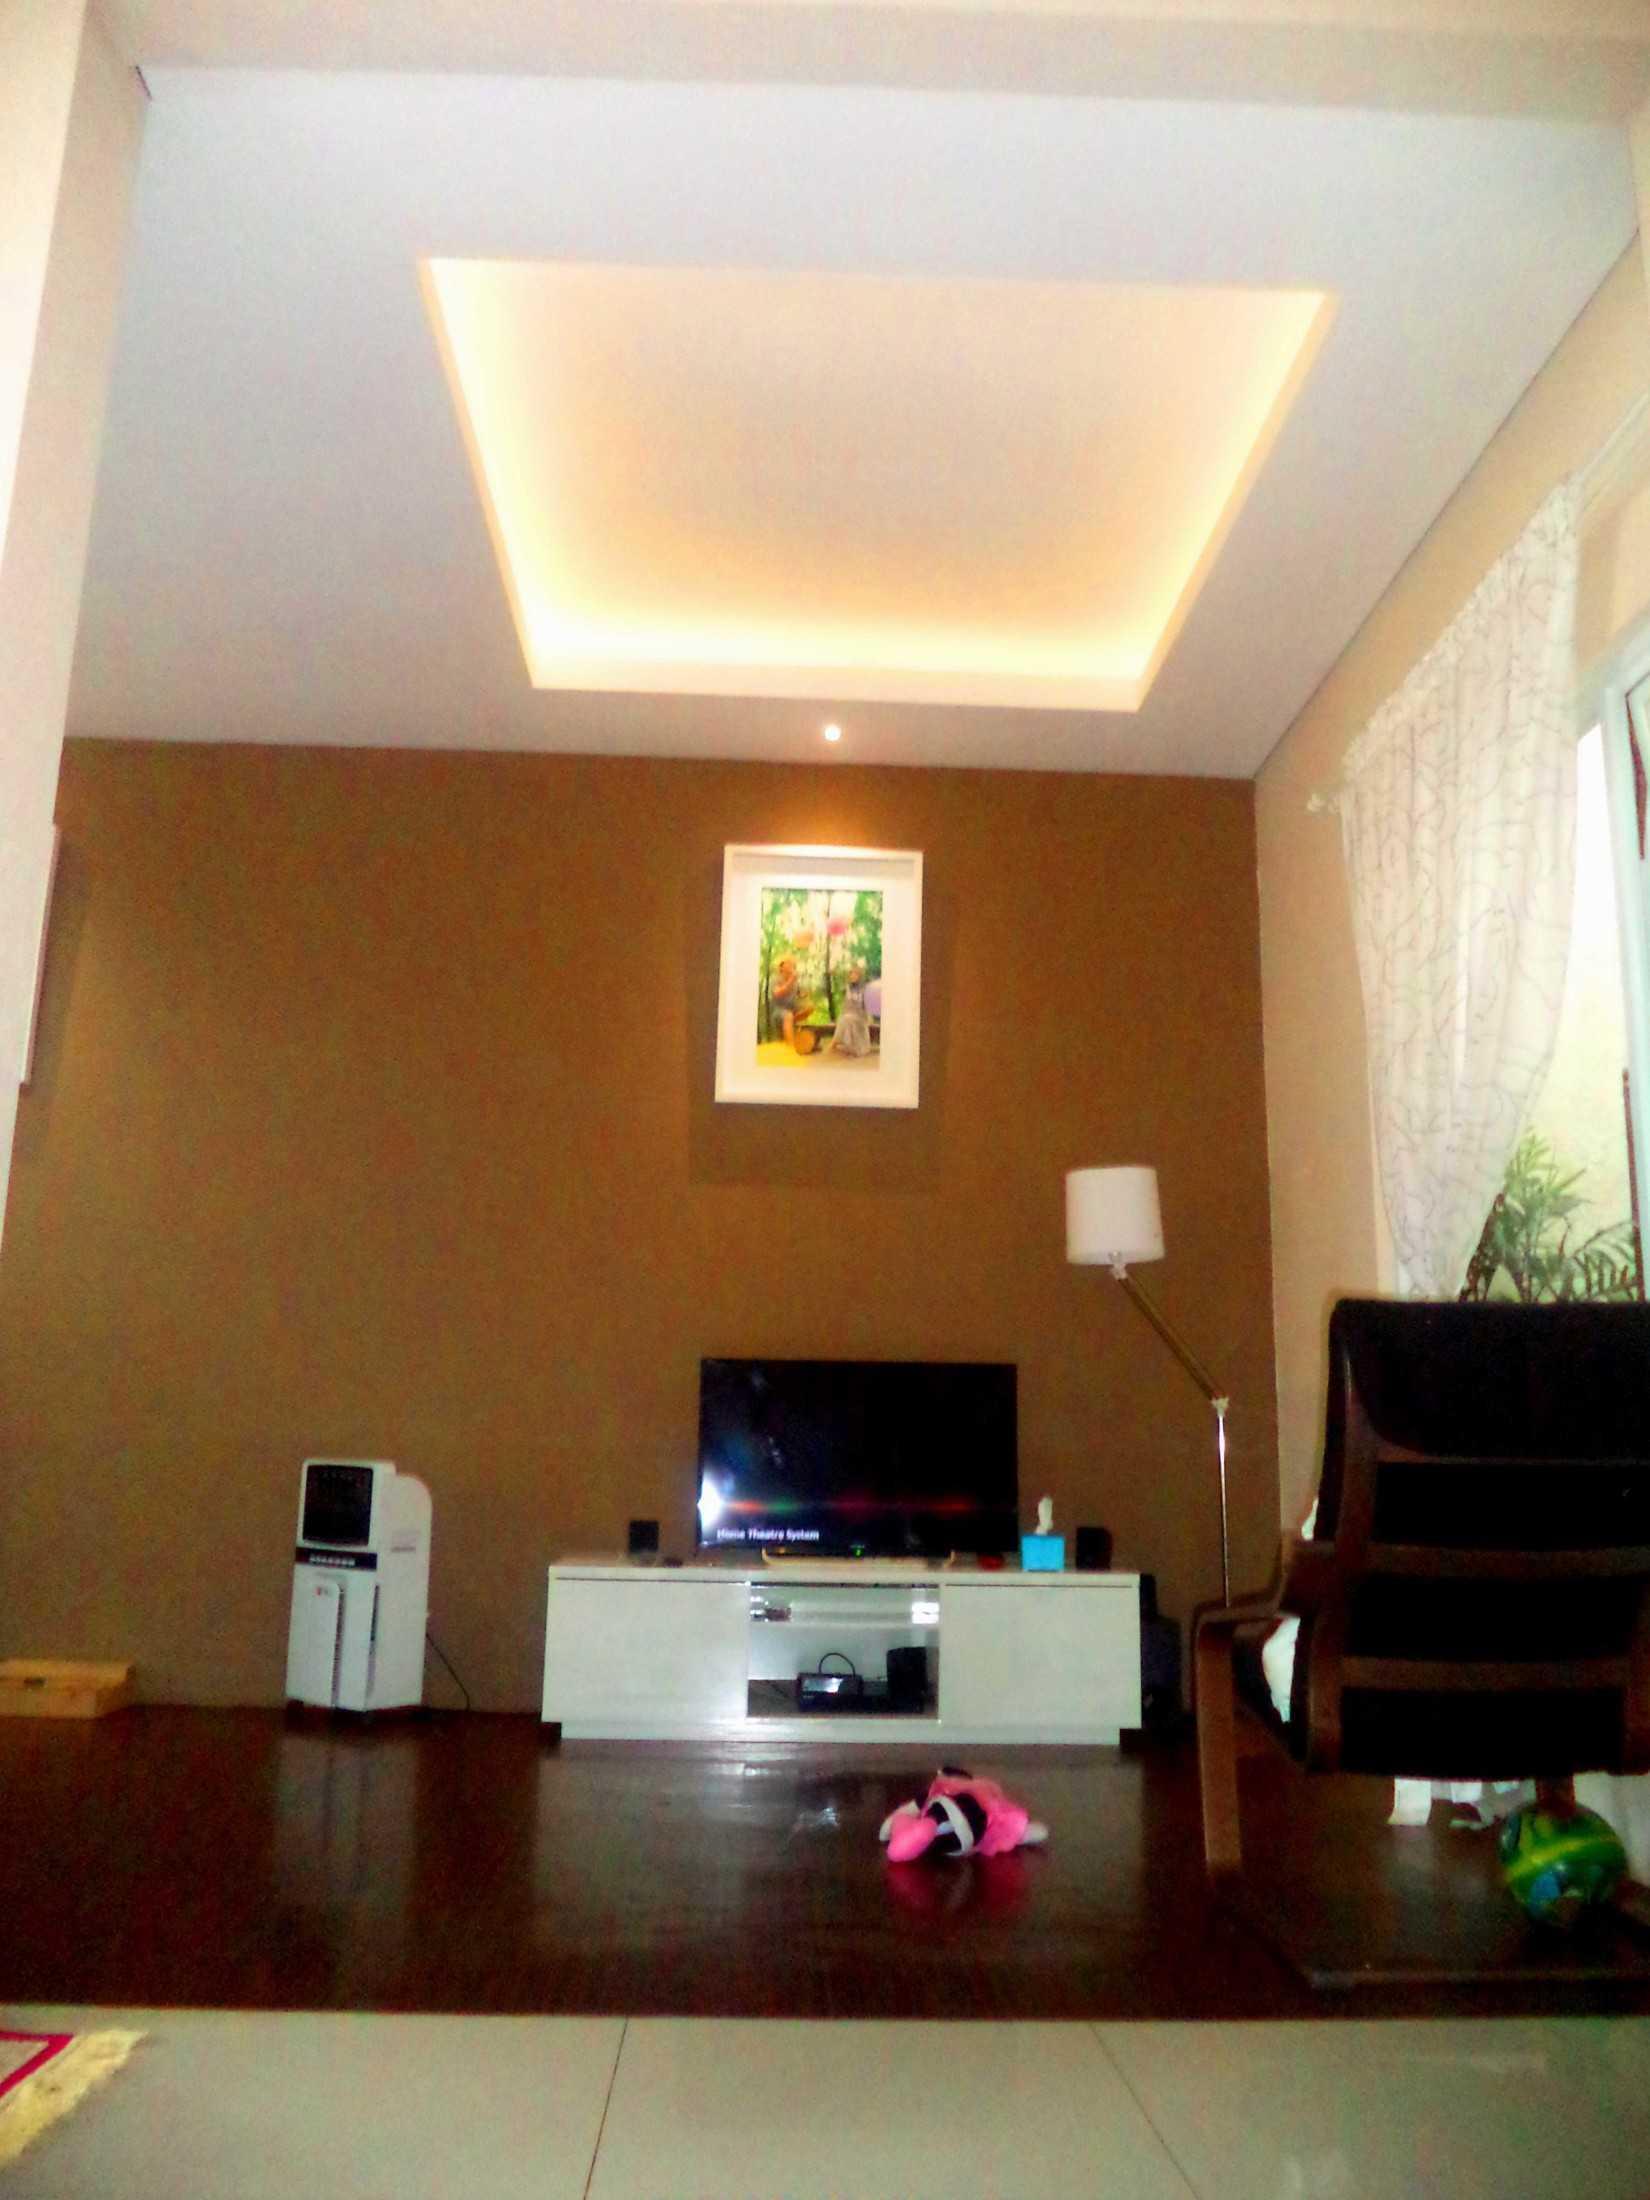 Yasa+ N-House Kec. Ciledug, Kota Tangerang, Banten, Indonesia Kec. Ciledug, Kota Tangerang, Banten, Indonesia Yasa-N-House  92262